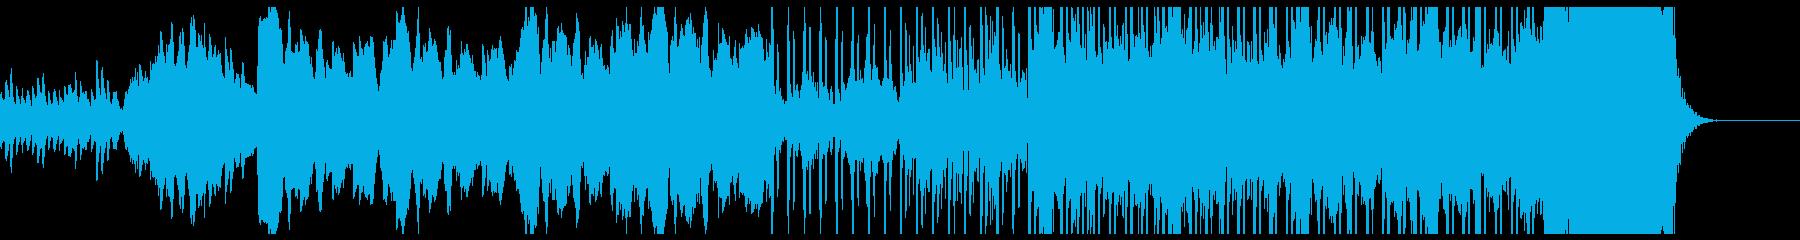 ハロウィン向け怪しいベルのBGMの再生済みの波形